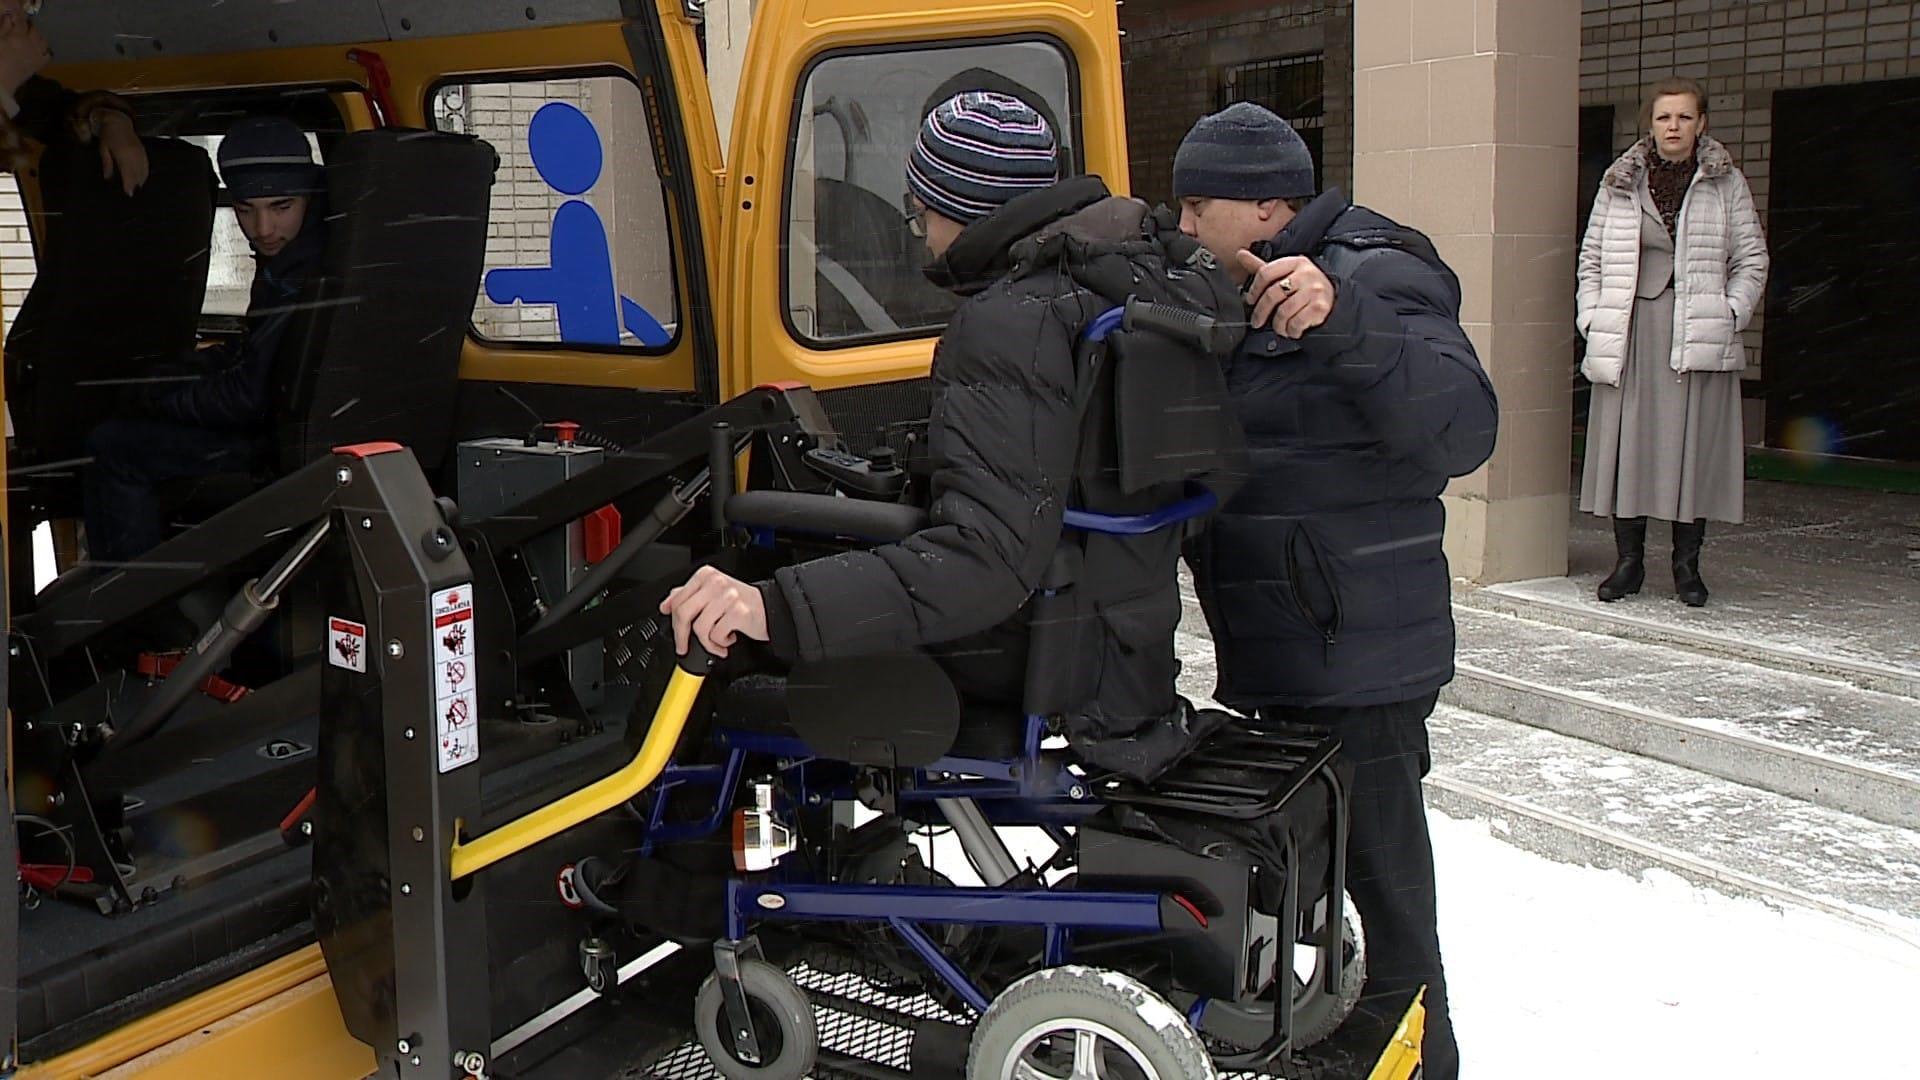 Перевозка людей с нарушениями опорно-двигательного аппарата 2